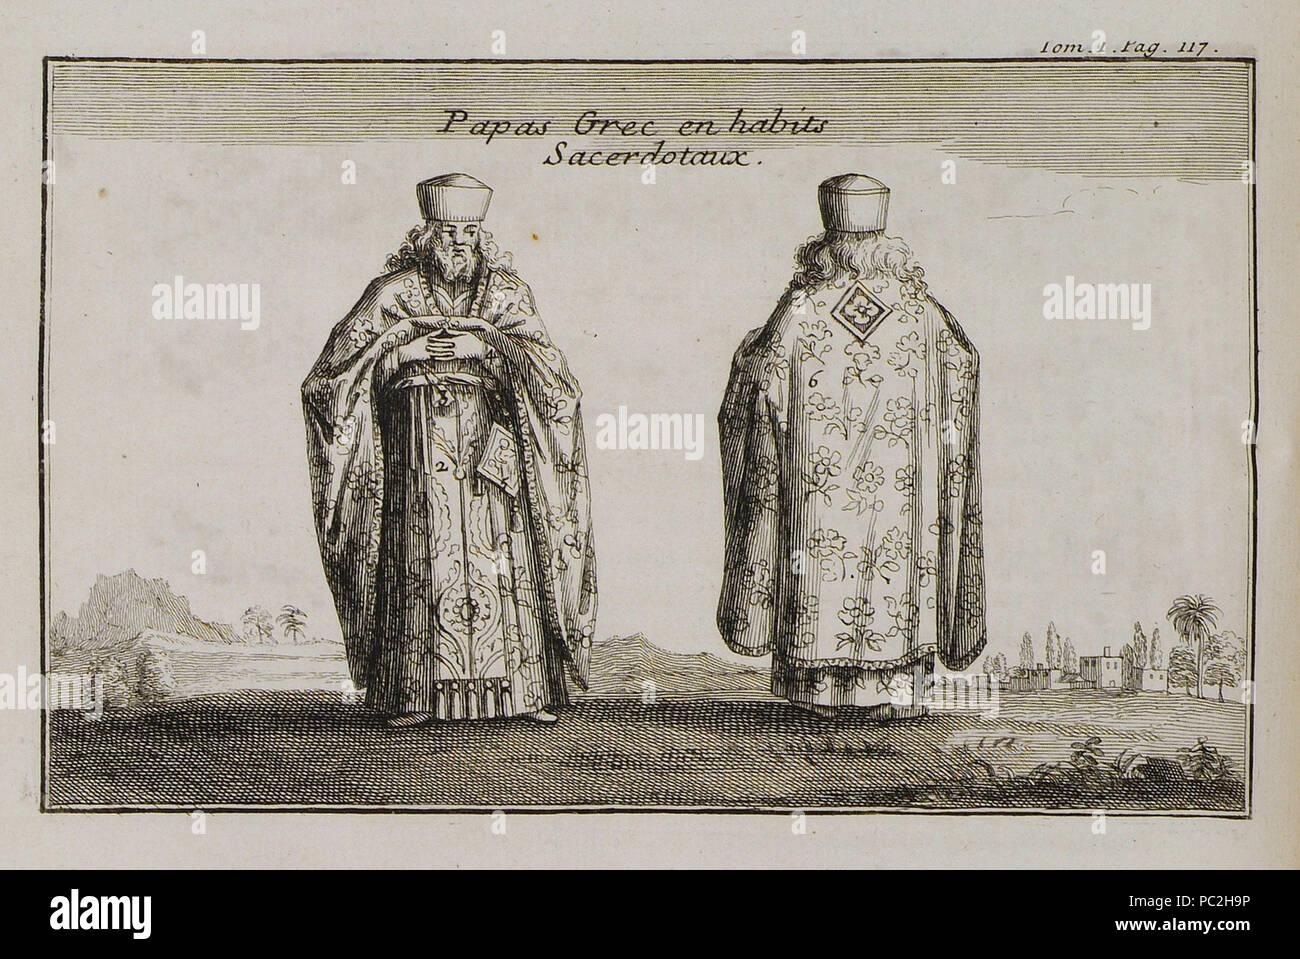 466 Papas Grec en habits Sacerdotaux - Tournefort Joseph Pitton De - 1717